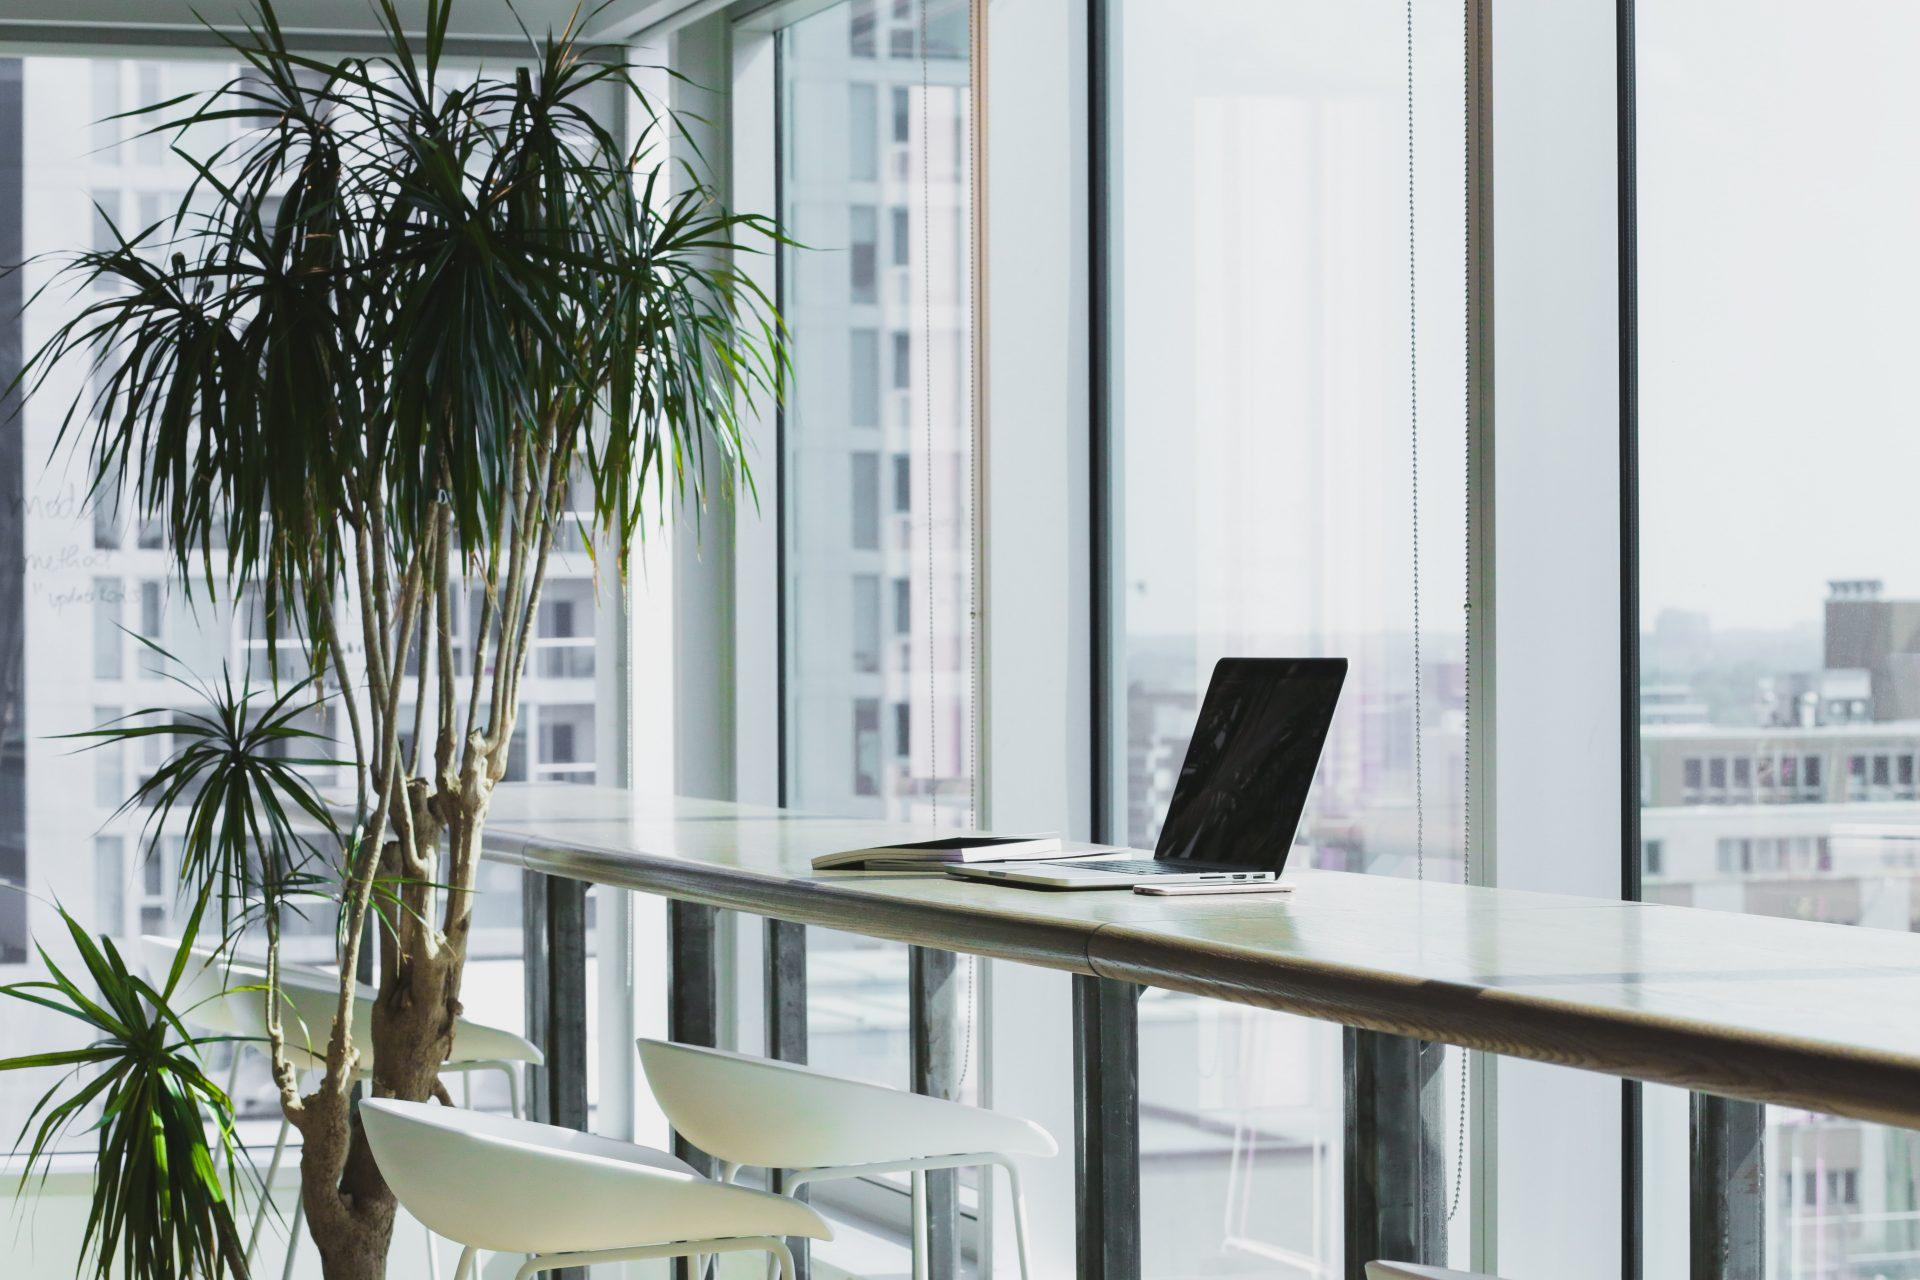 grande plante verte dans un bureau vide avec un ordinateur posé